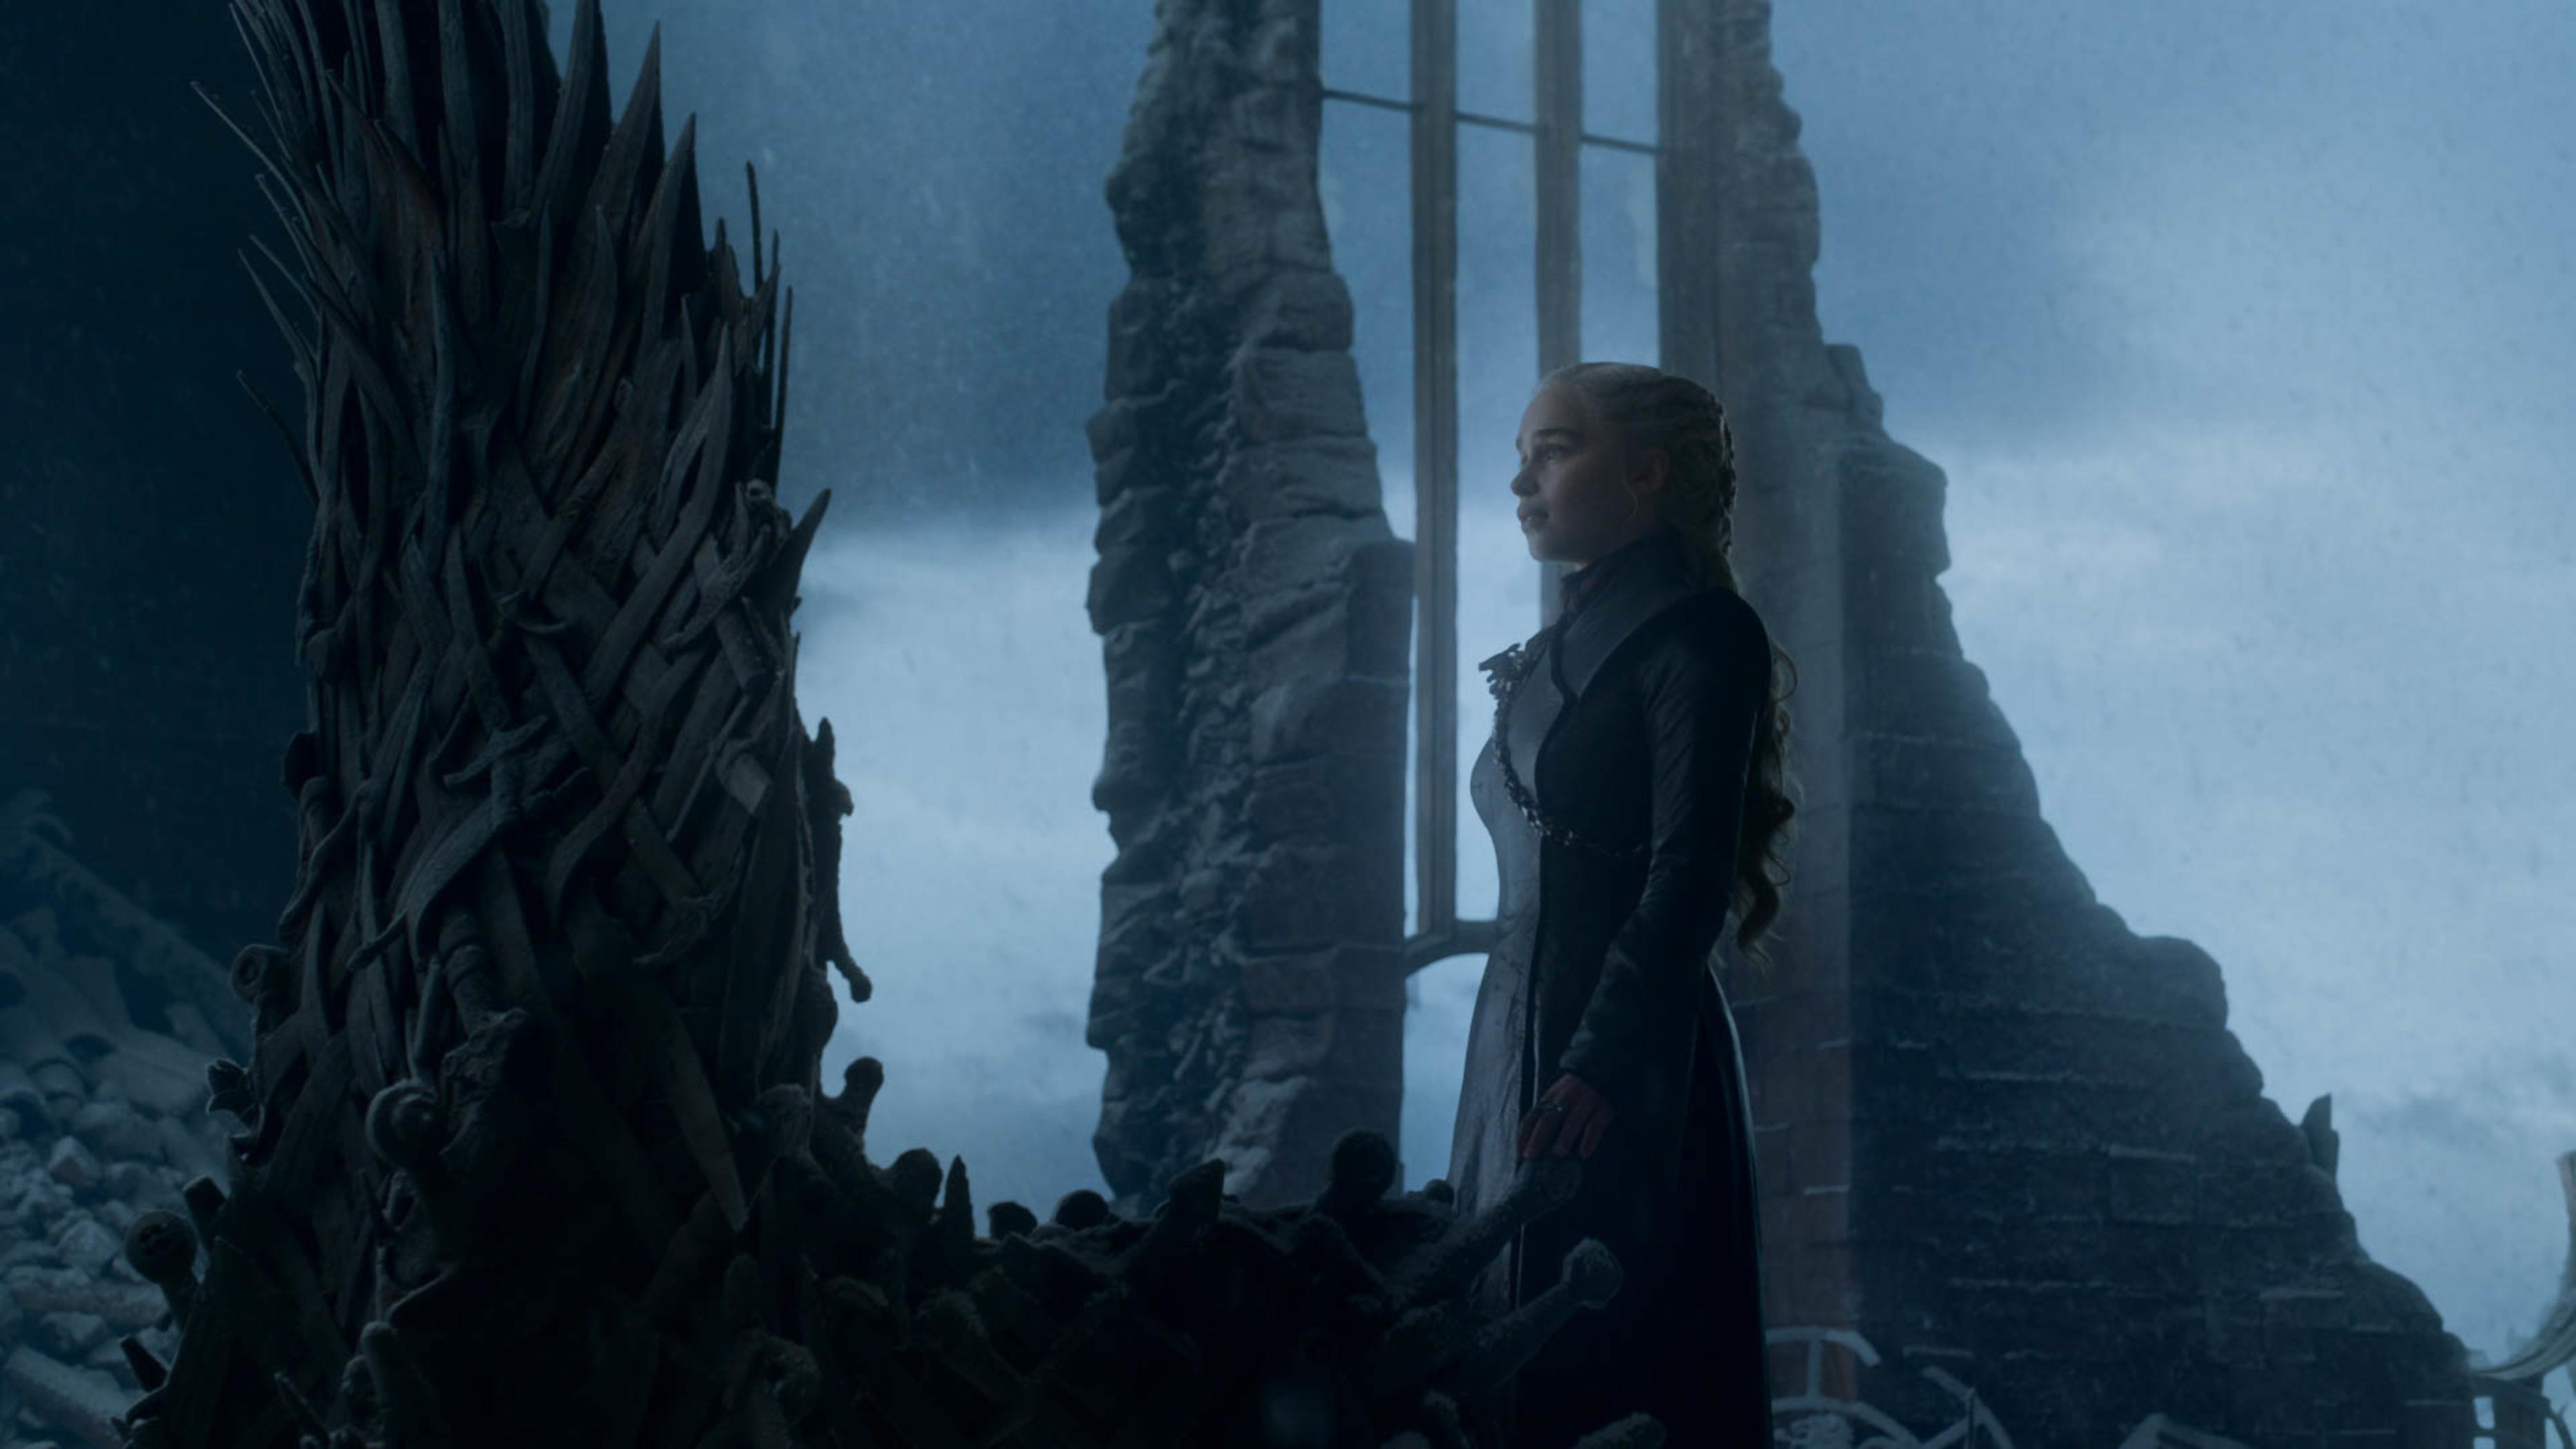 (3) Courtesy of HBO